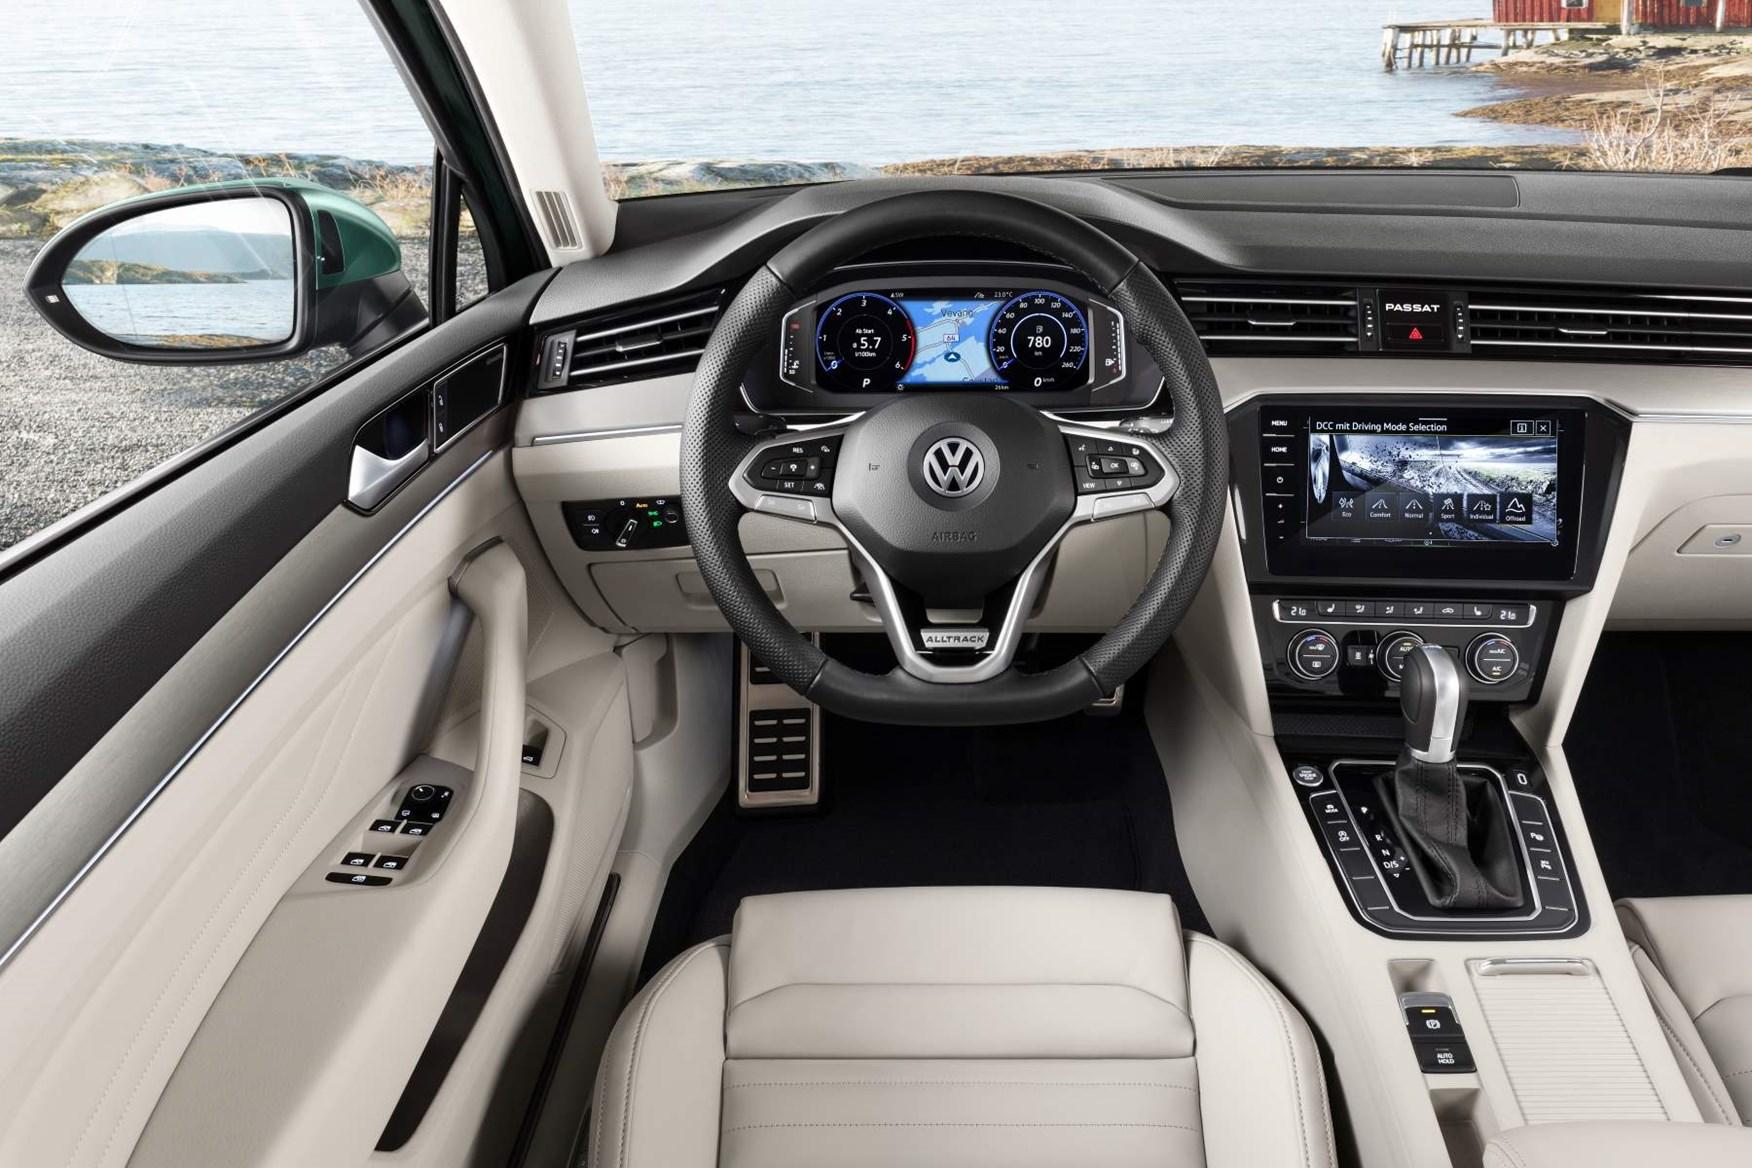 2019 Volkswagen Passat: news | Parkers